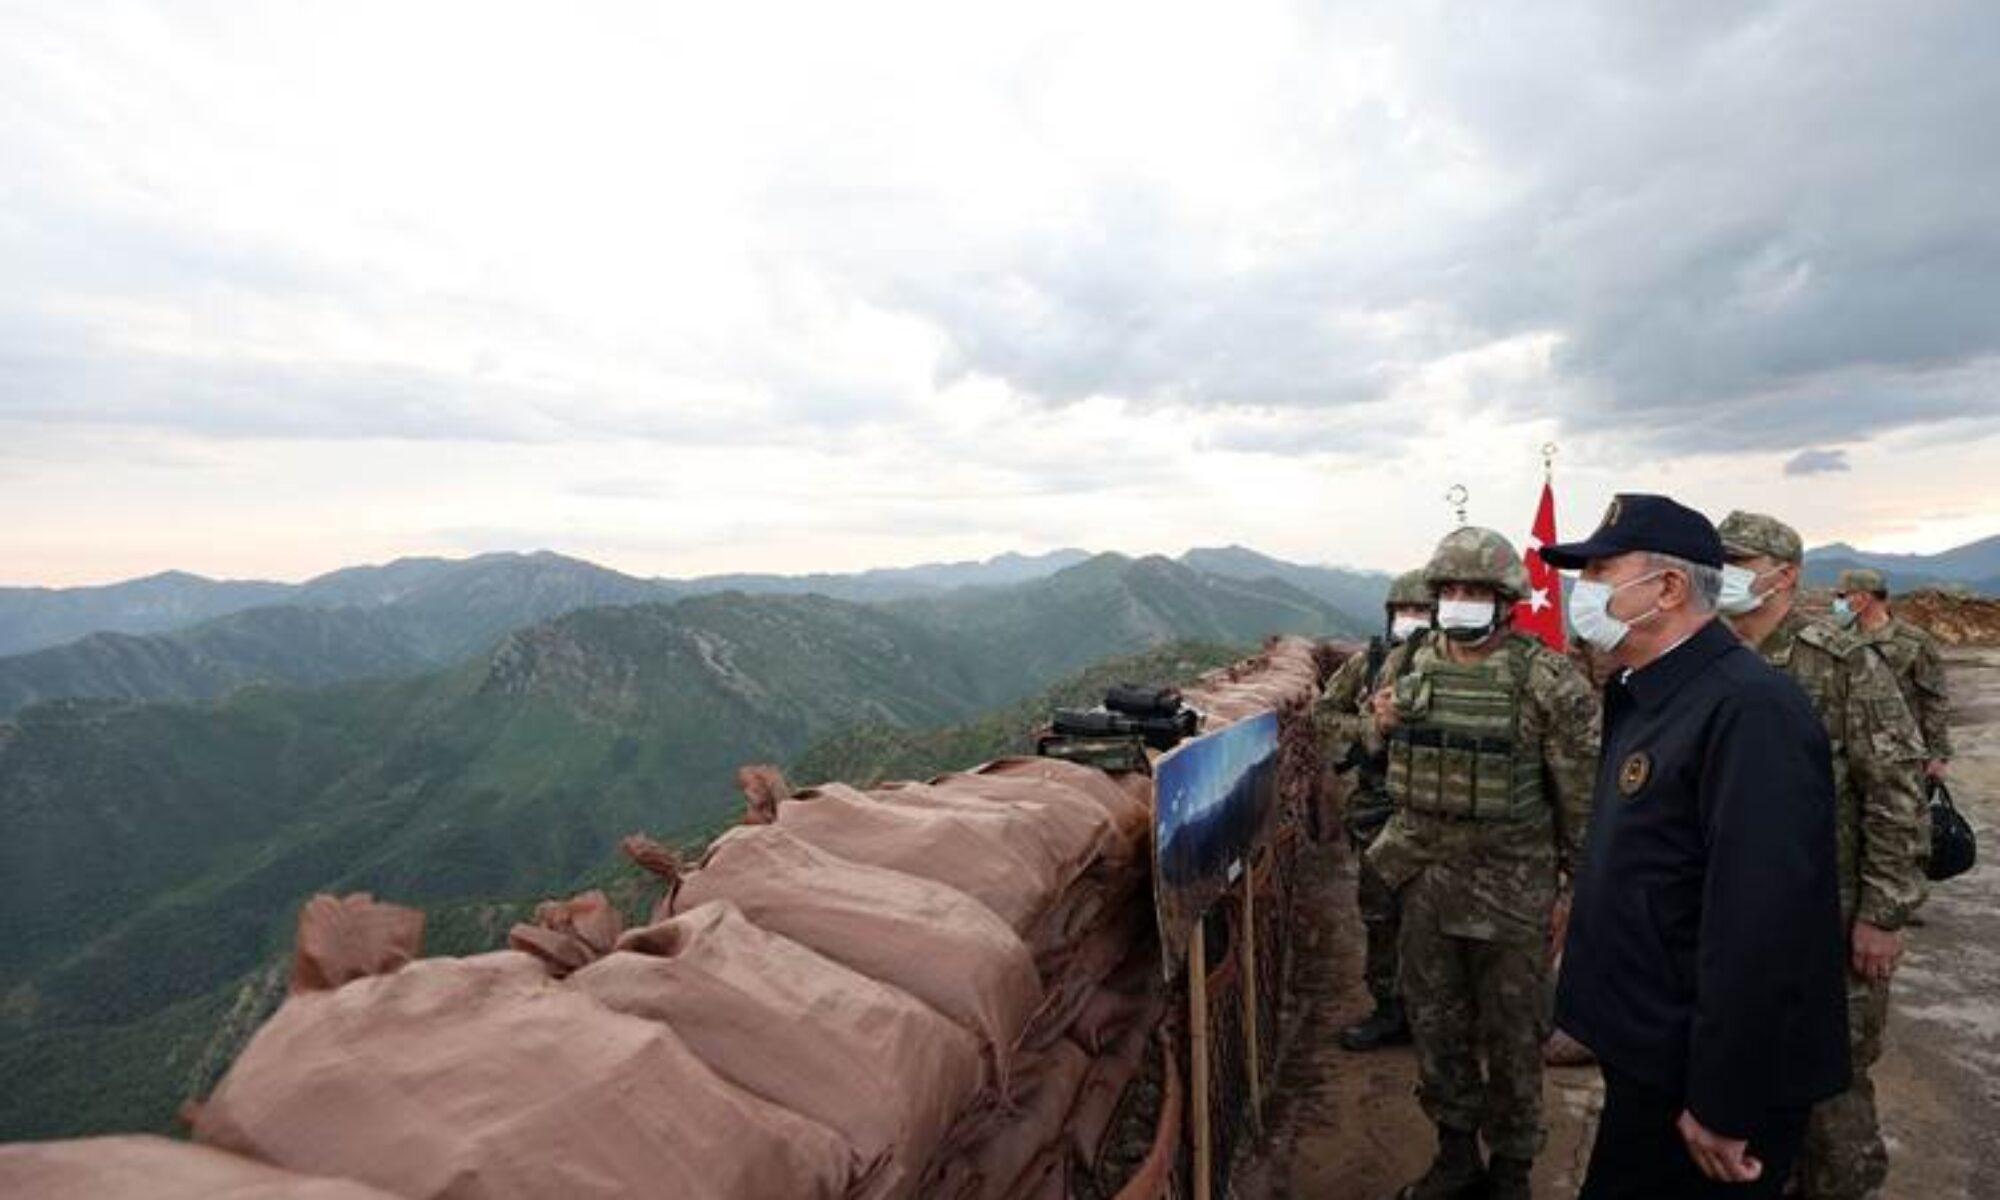 """Irak Hulusi Akar'ın Haftanin ziyaretine tepki gösterdi: """"Türk güçlerinin Irak topraklarındaki varlığı yasadışıdır"""""""